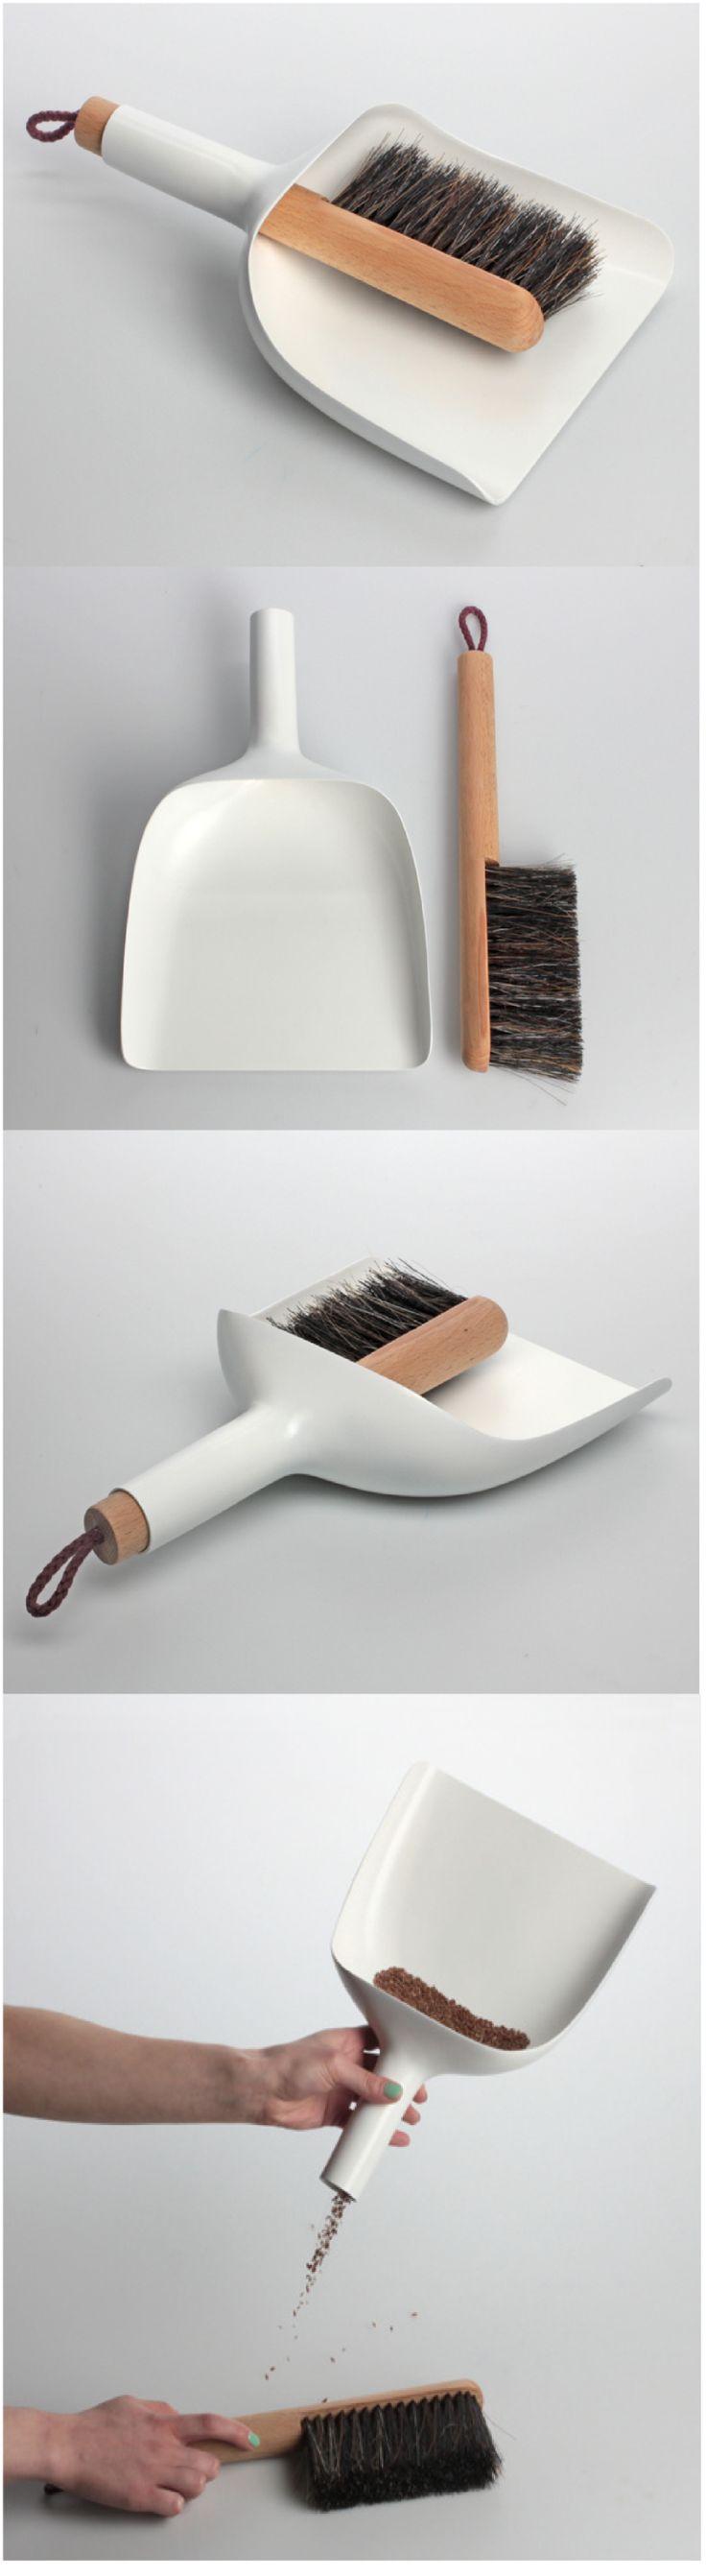 'Sweeper and dustpan' by Jan Kochański (2013) #INJECCIO